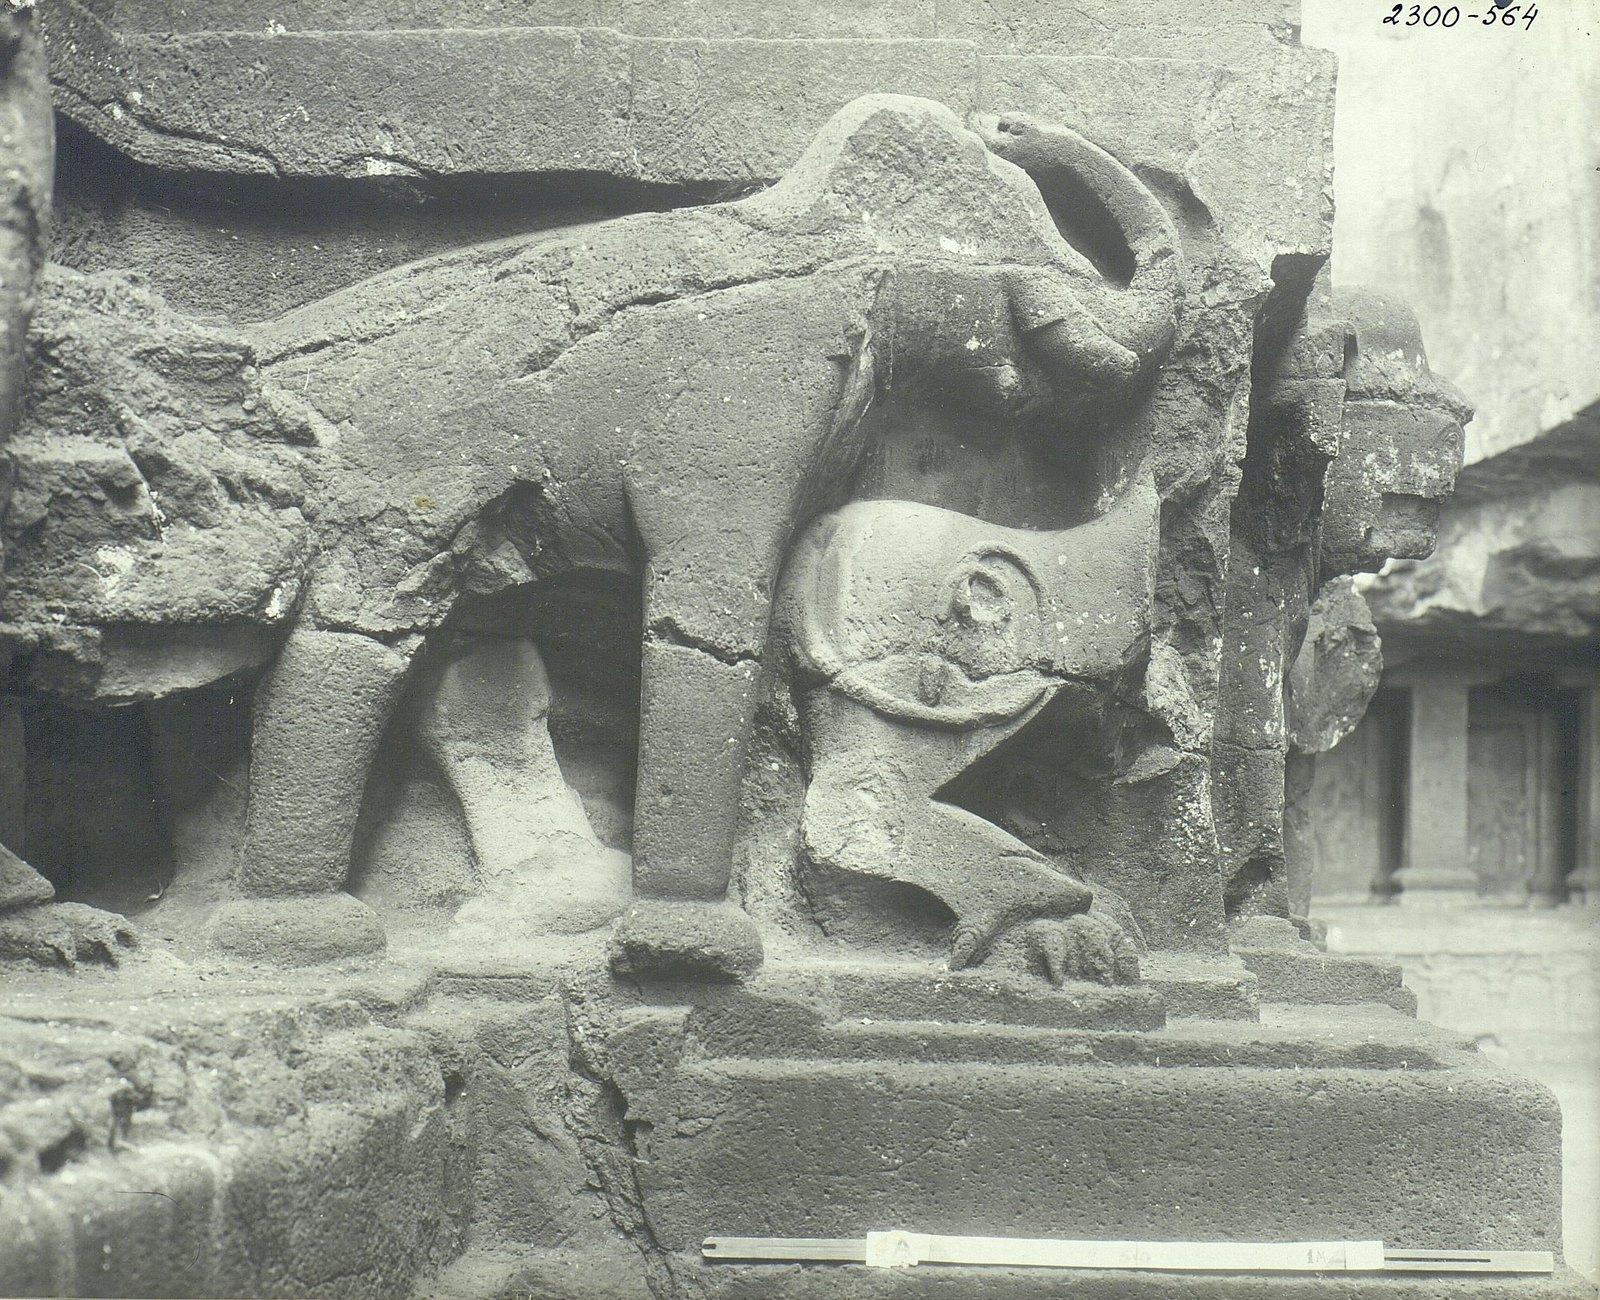 Храм Кайласа в Эллоре (деталь рельефа со слонами) (2)